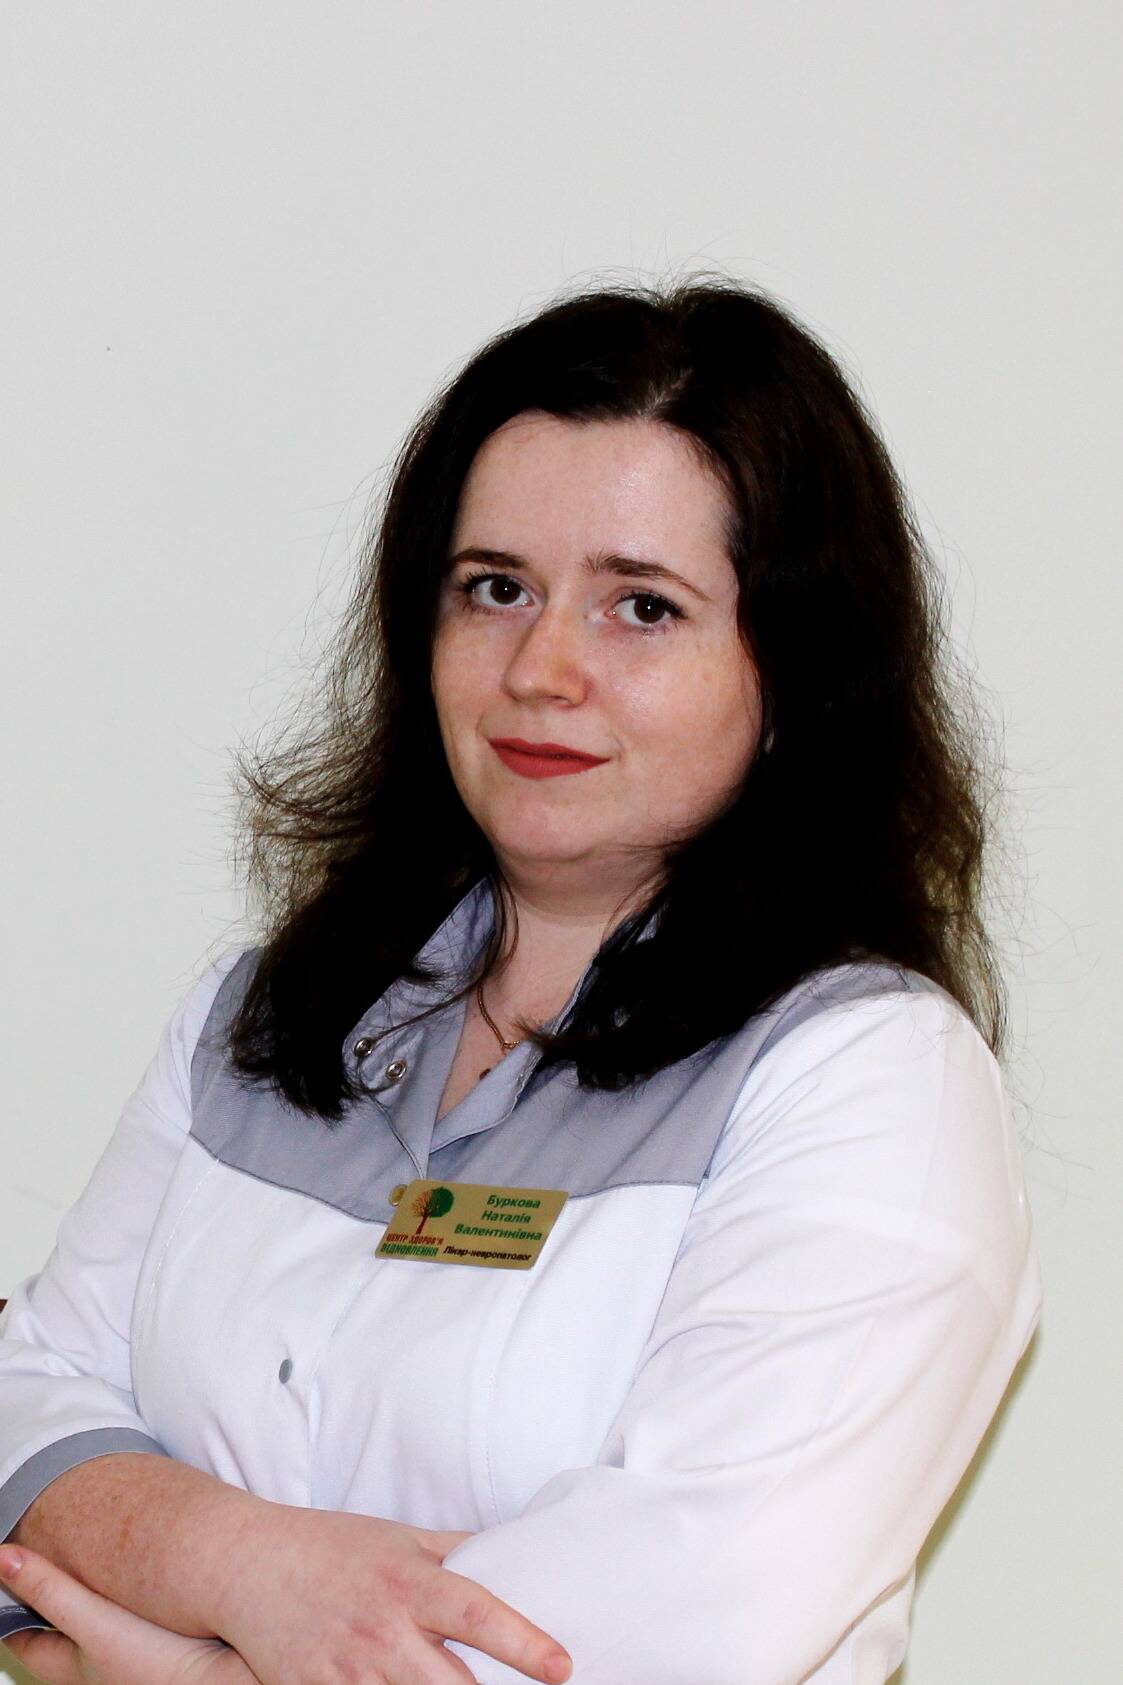 лікар Буркова Наталія Валентинівна: опис, відгуки, послуги, рейтинг, записатися онлайн на сайті h24.ua